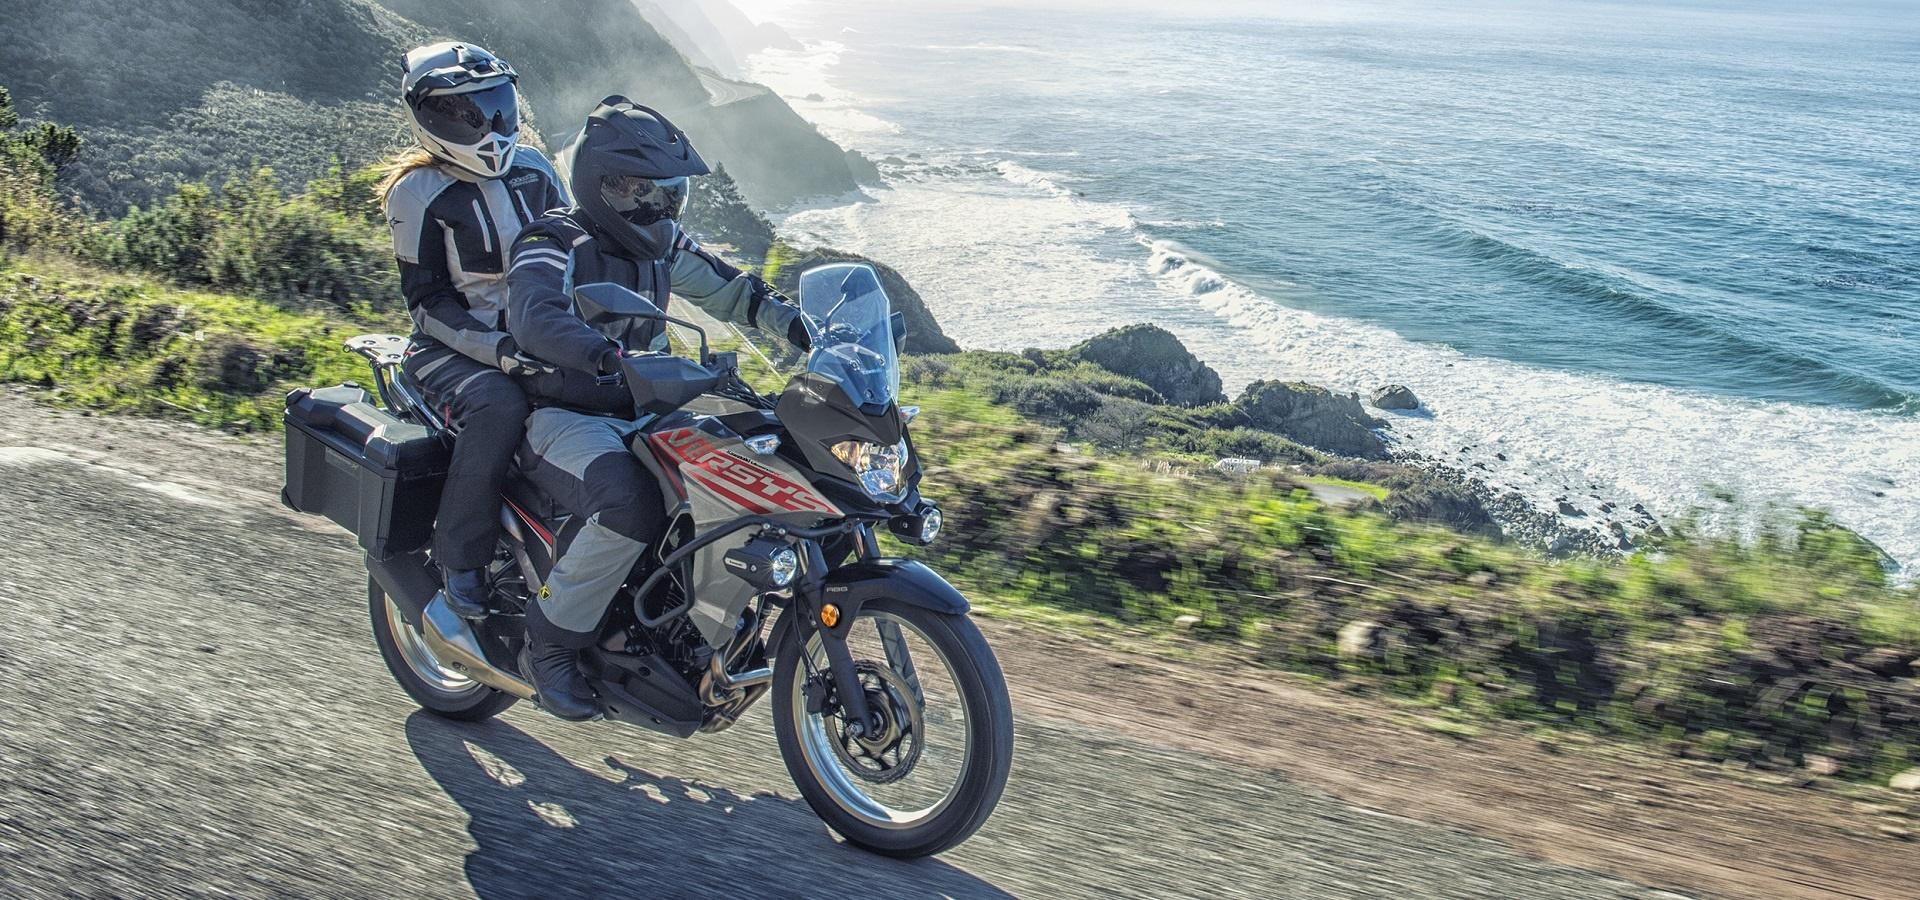 Las mejores motos y rutas cercanas a Lima para disfrutar poniendo a prueba tu Moto